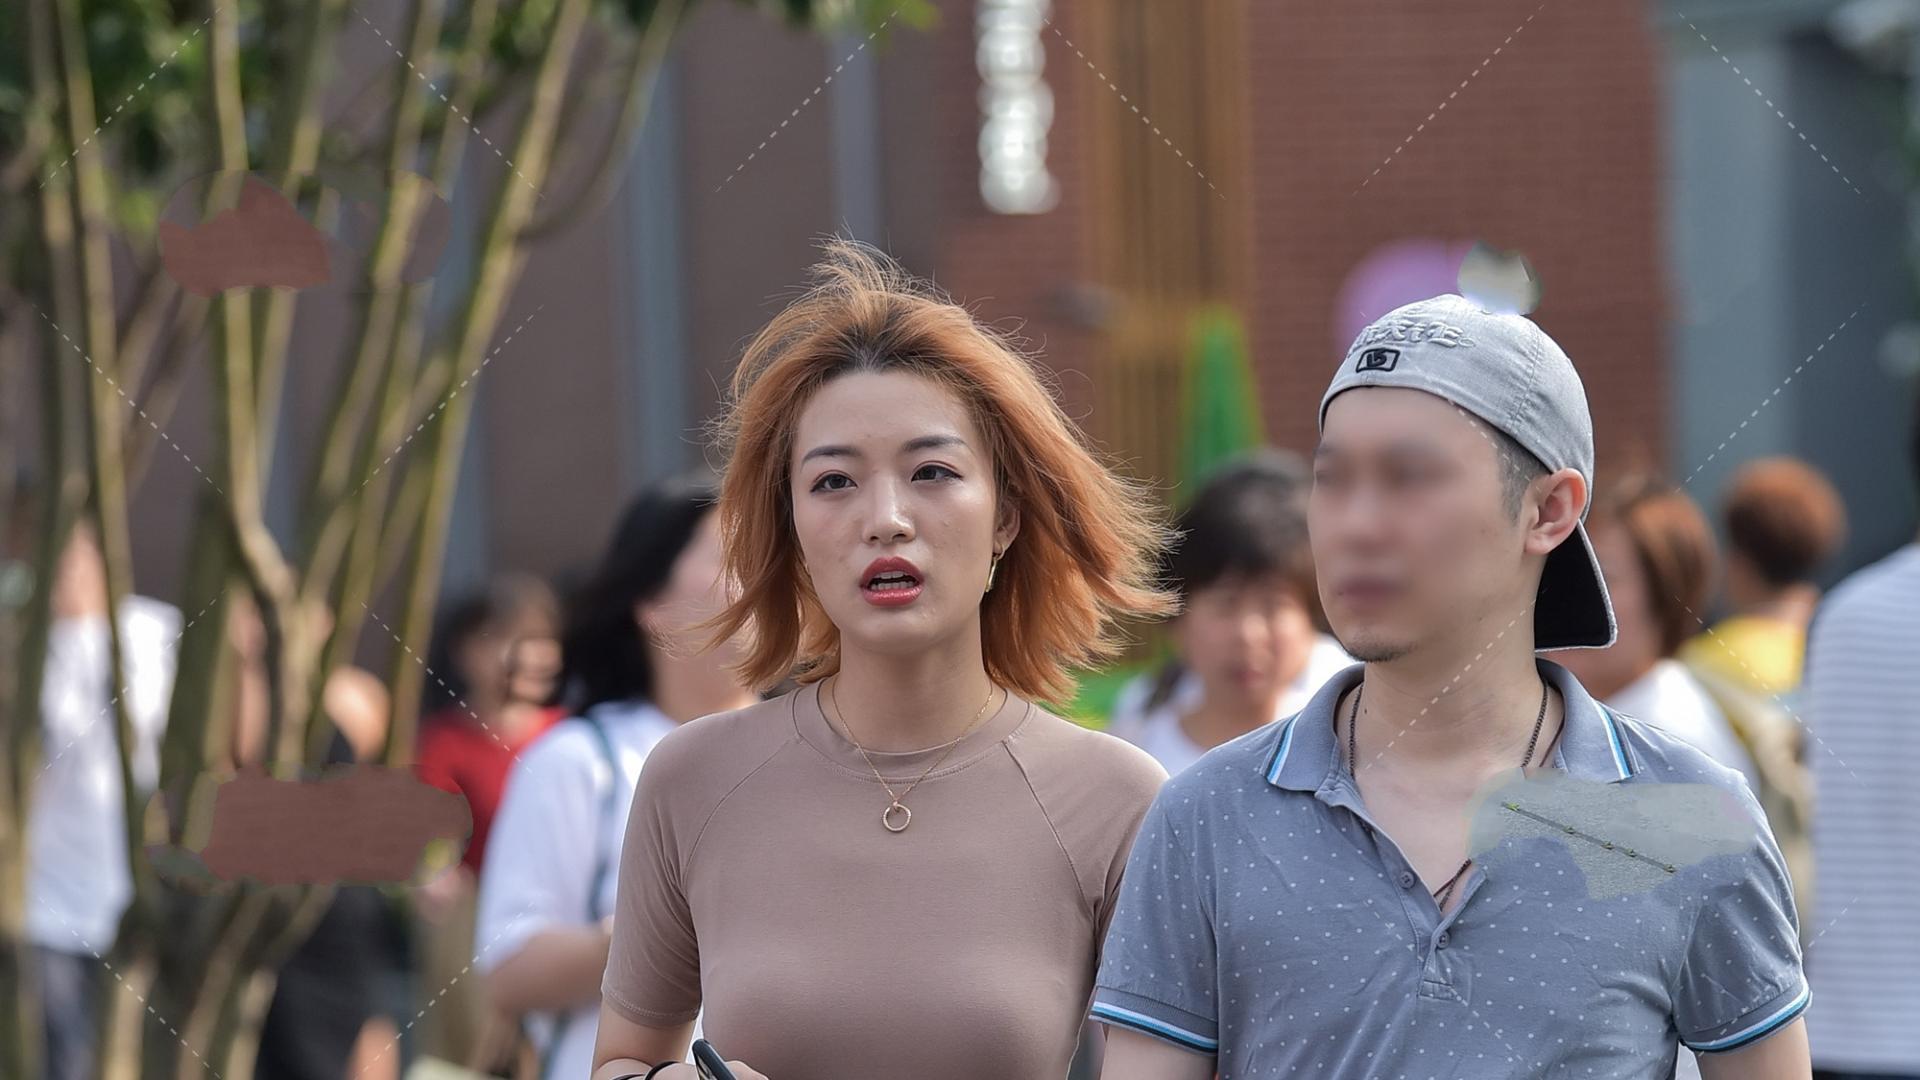 卡其色圆领短款短袖T恤搭配黑色手提包,体现出成熟女性的魅力